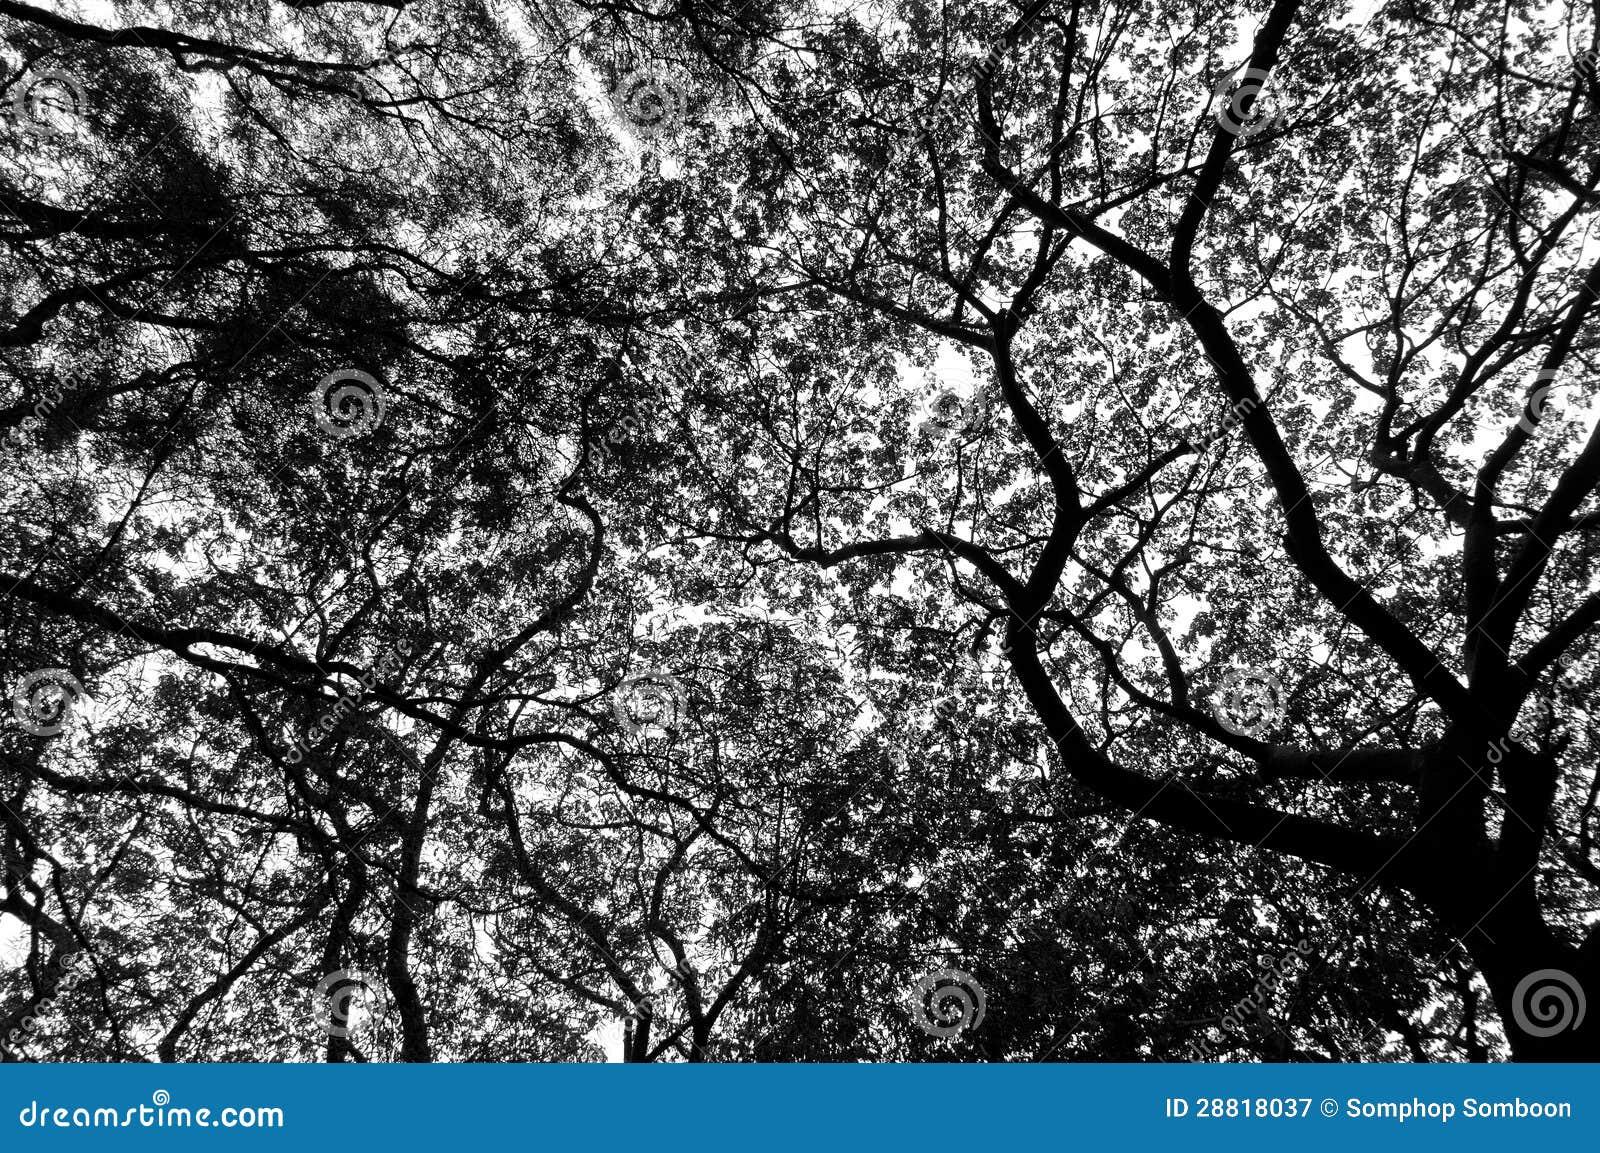 arbre noir et blanc image stock image du saisonnier 28818037. Black Bedroom Furniture Sets. Home Design Ideas